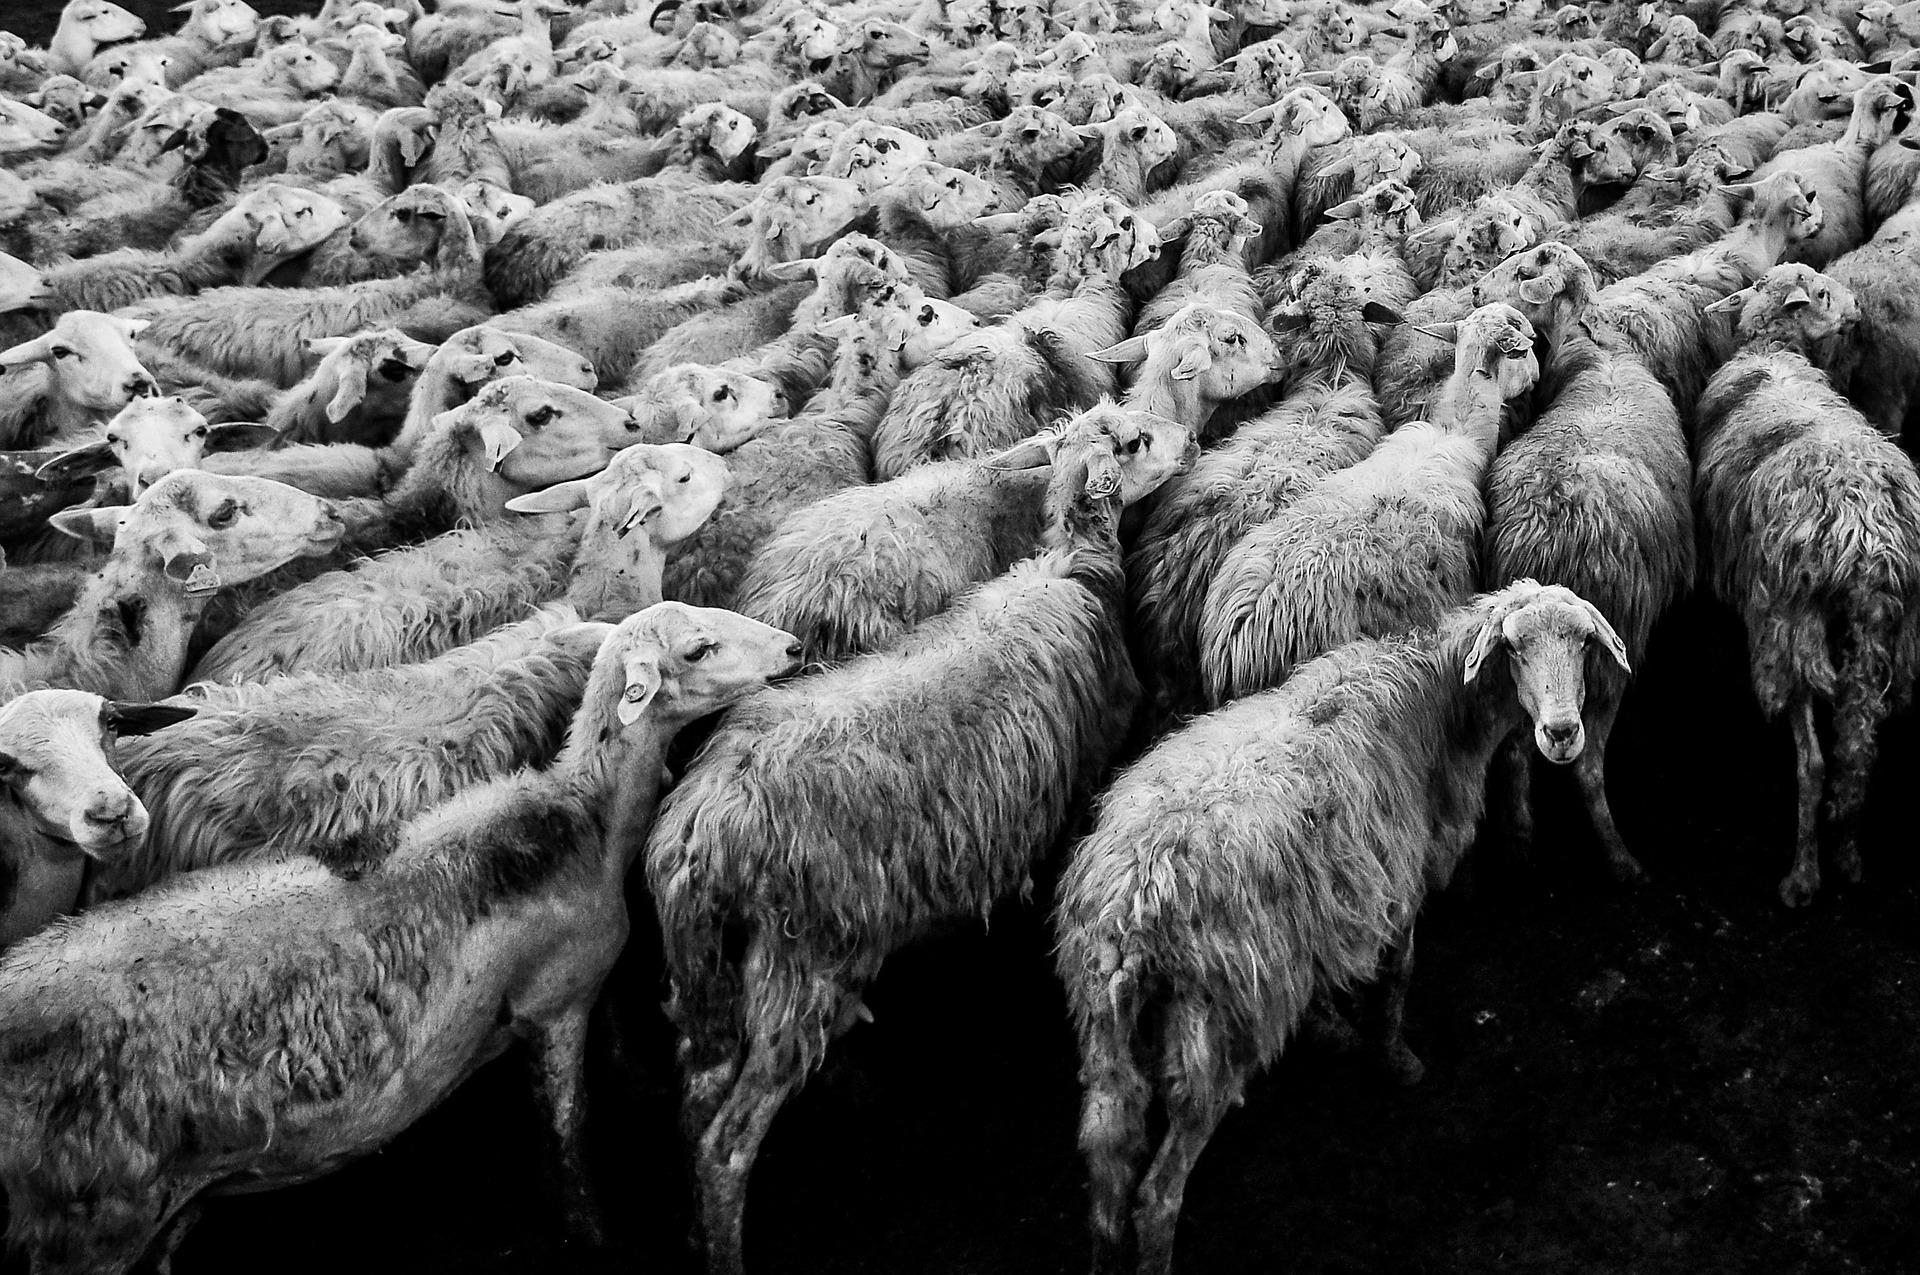 Wyszły z zagrody, zginęły na torach. W Niemczech pociąg wjechał w stado owiec